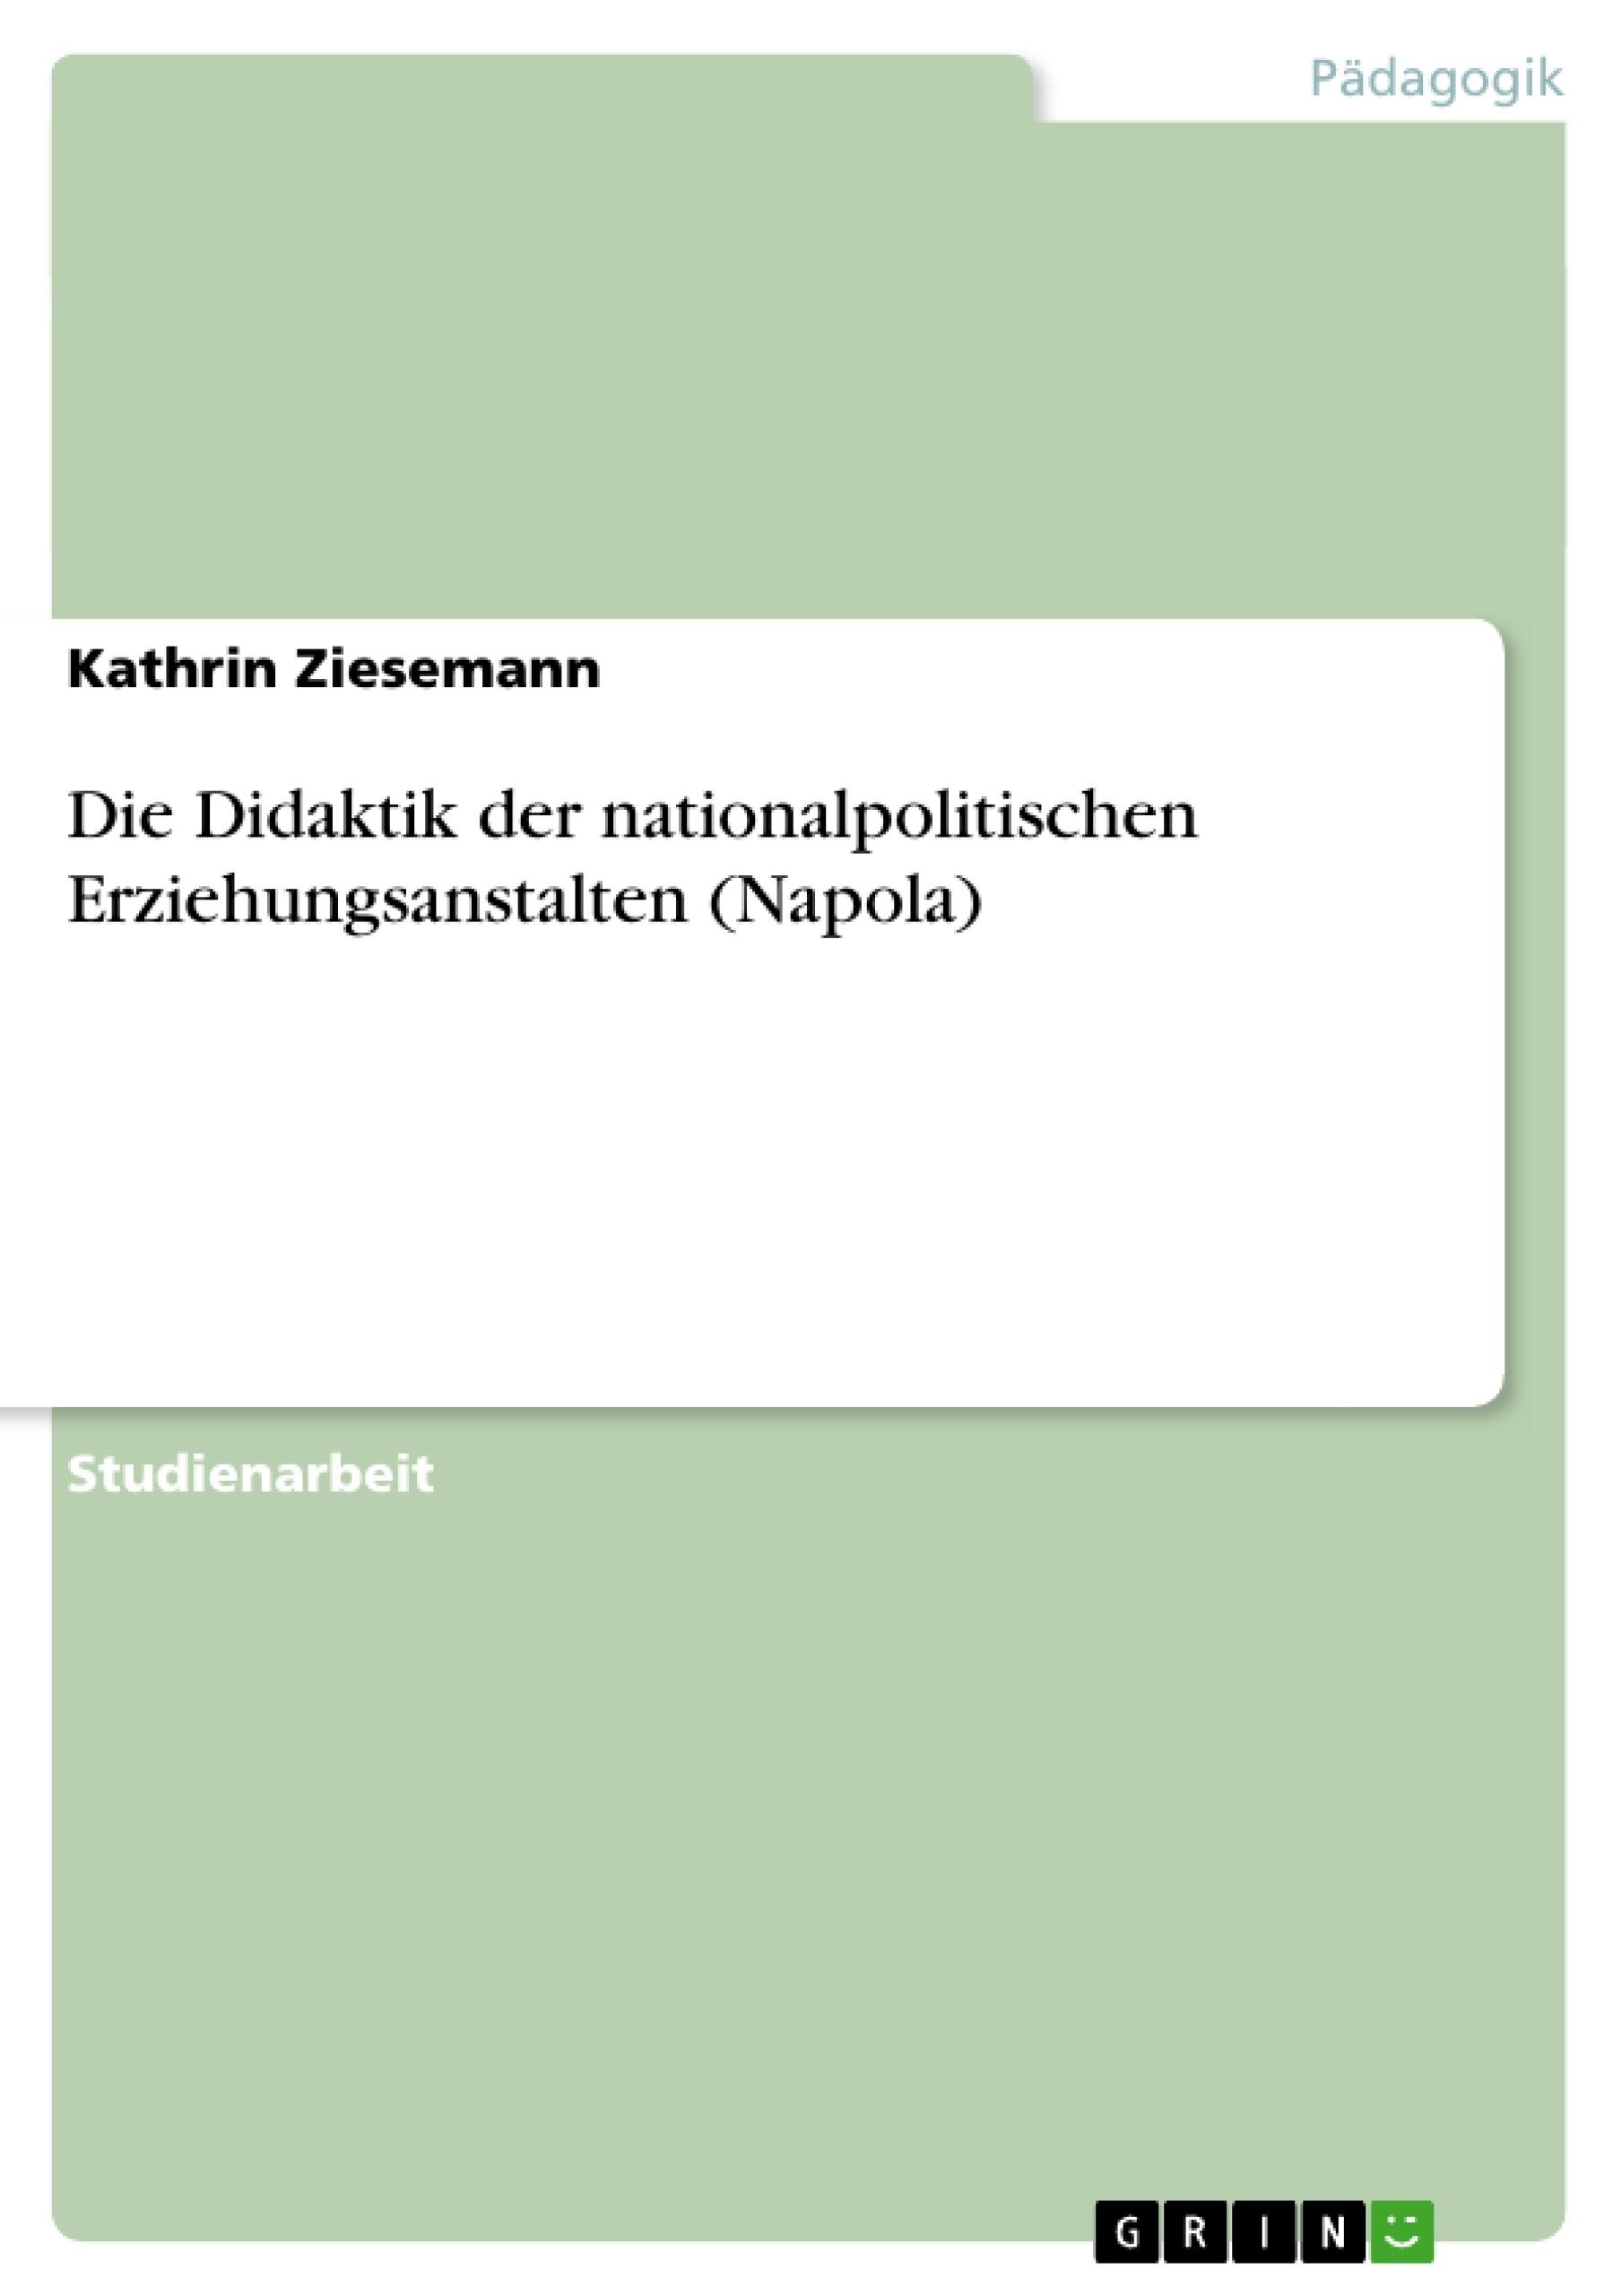 Titel: Die Didaktik der nationalpolitischen Erziehungsanstalten (Napola)